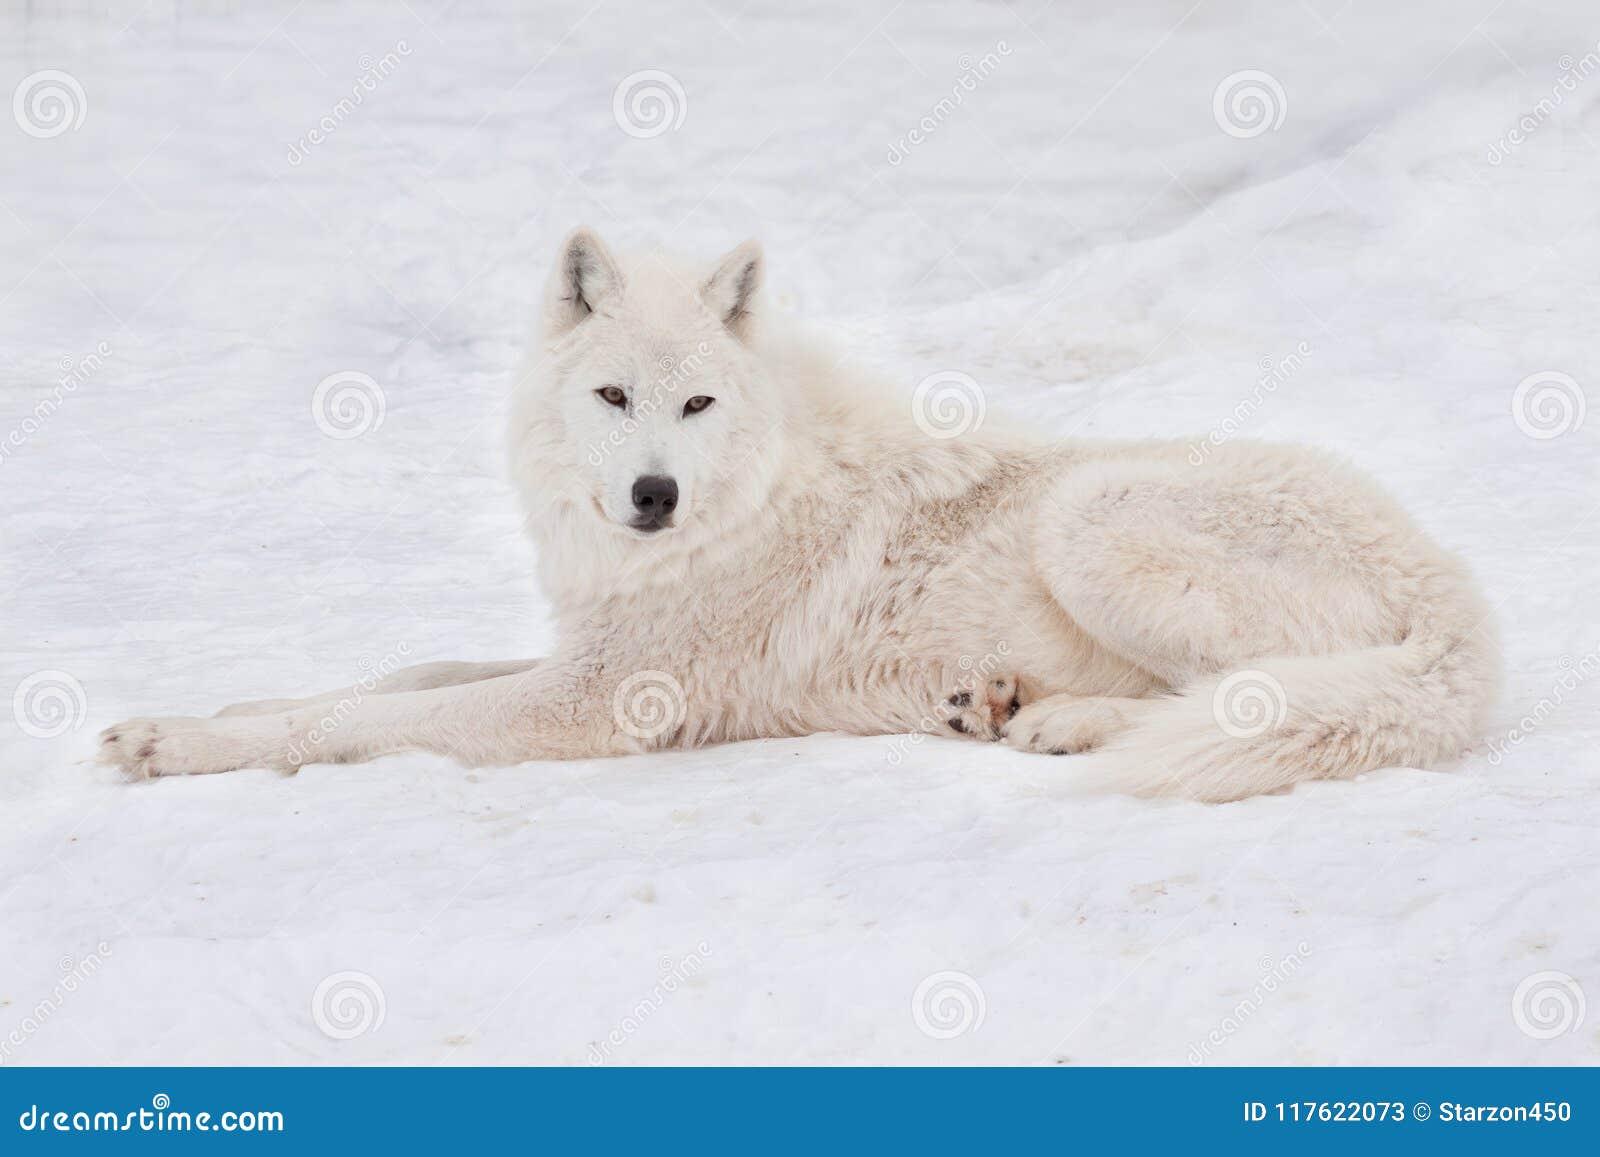 Le loup polaire sauvage se trouve sur la neige blanche loup arctique ou loup blanc animaux dans - Animaux de blanche neige ...